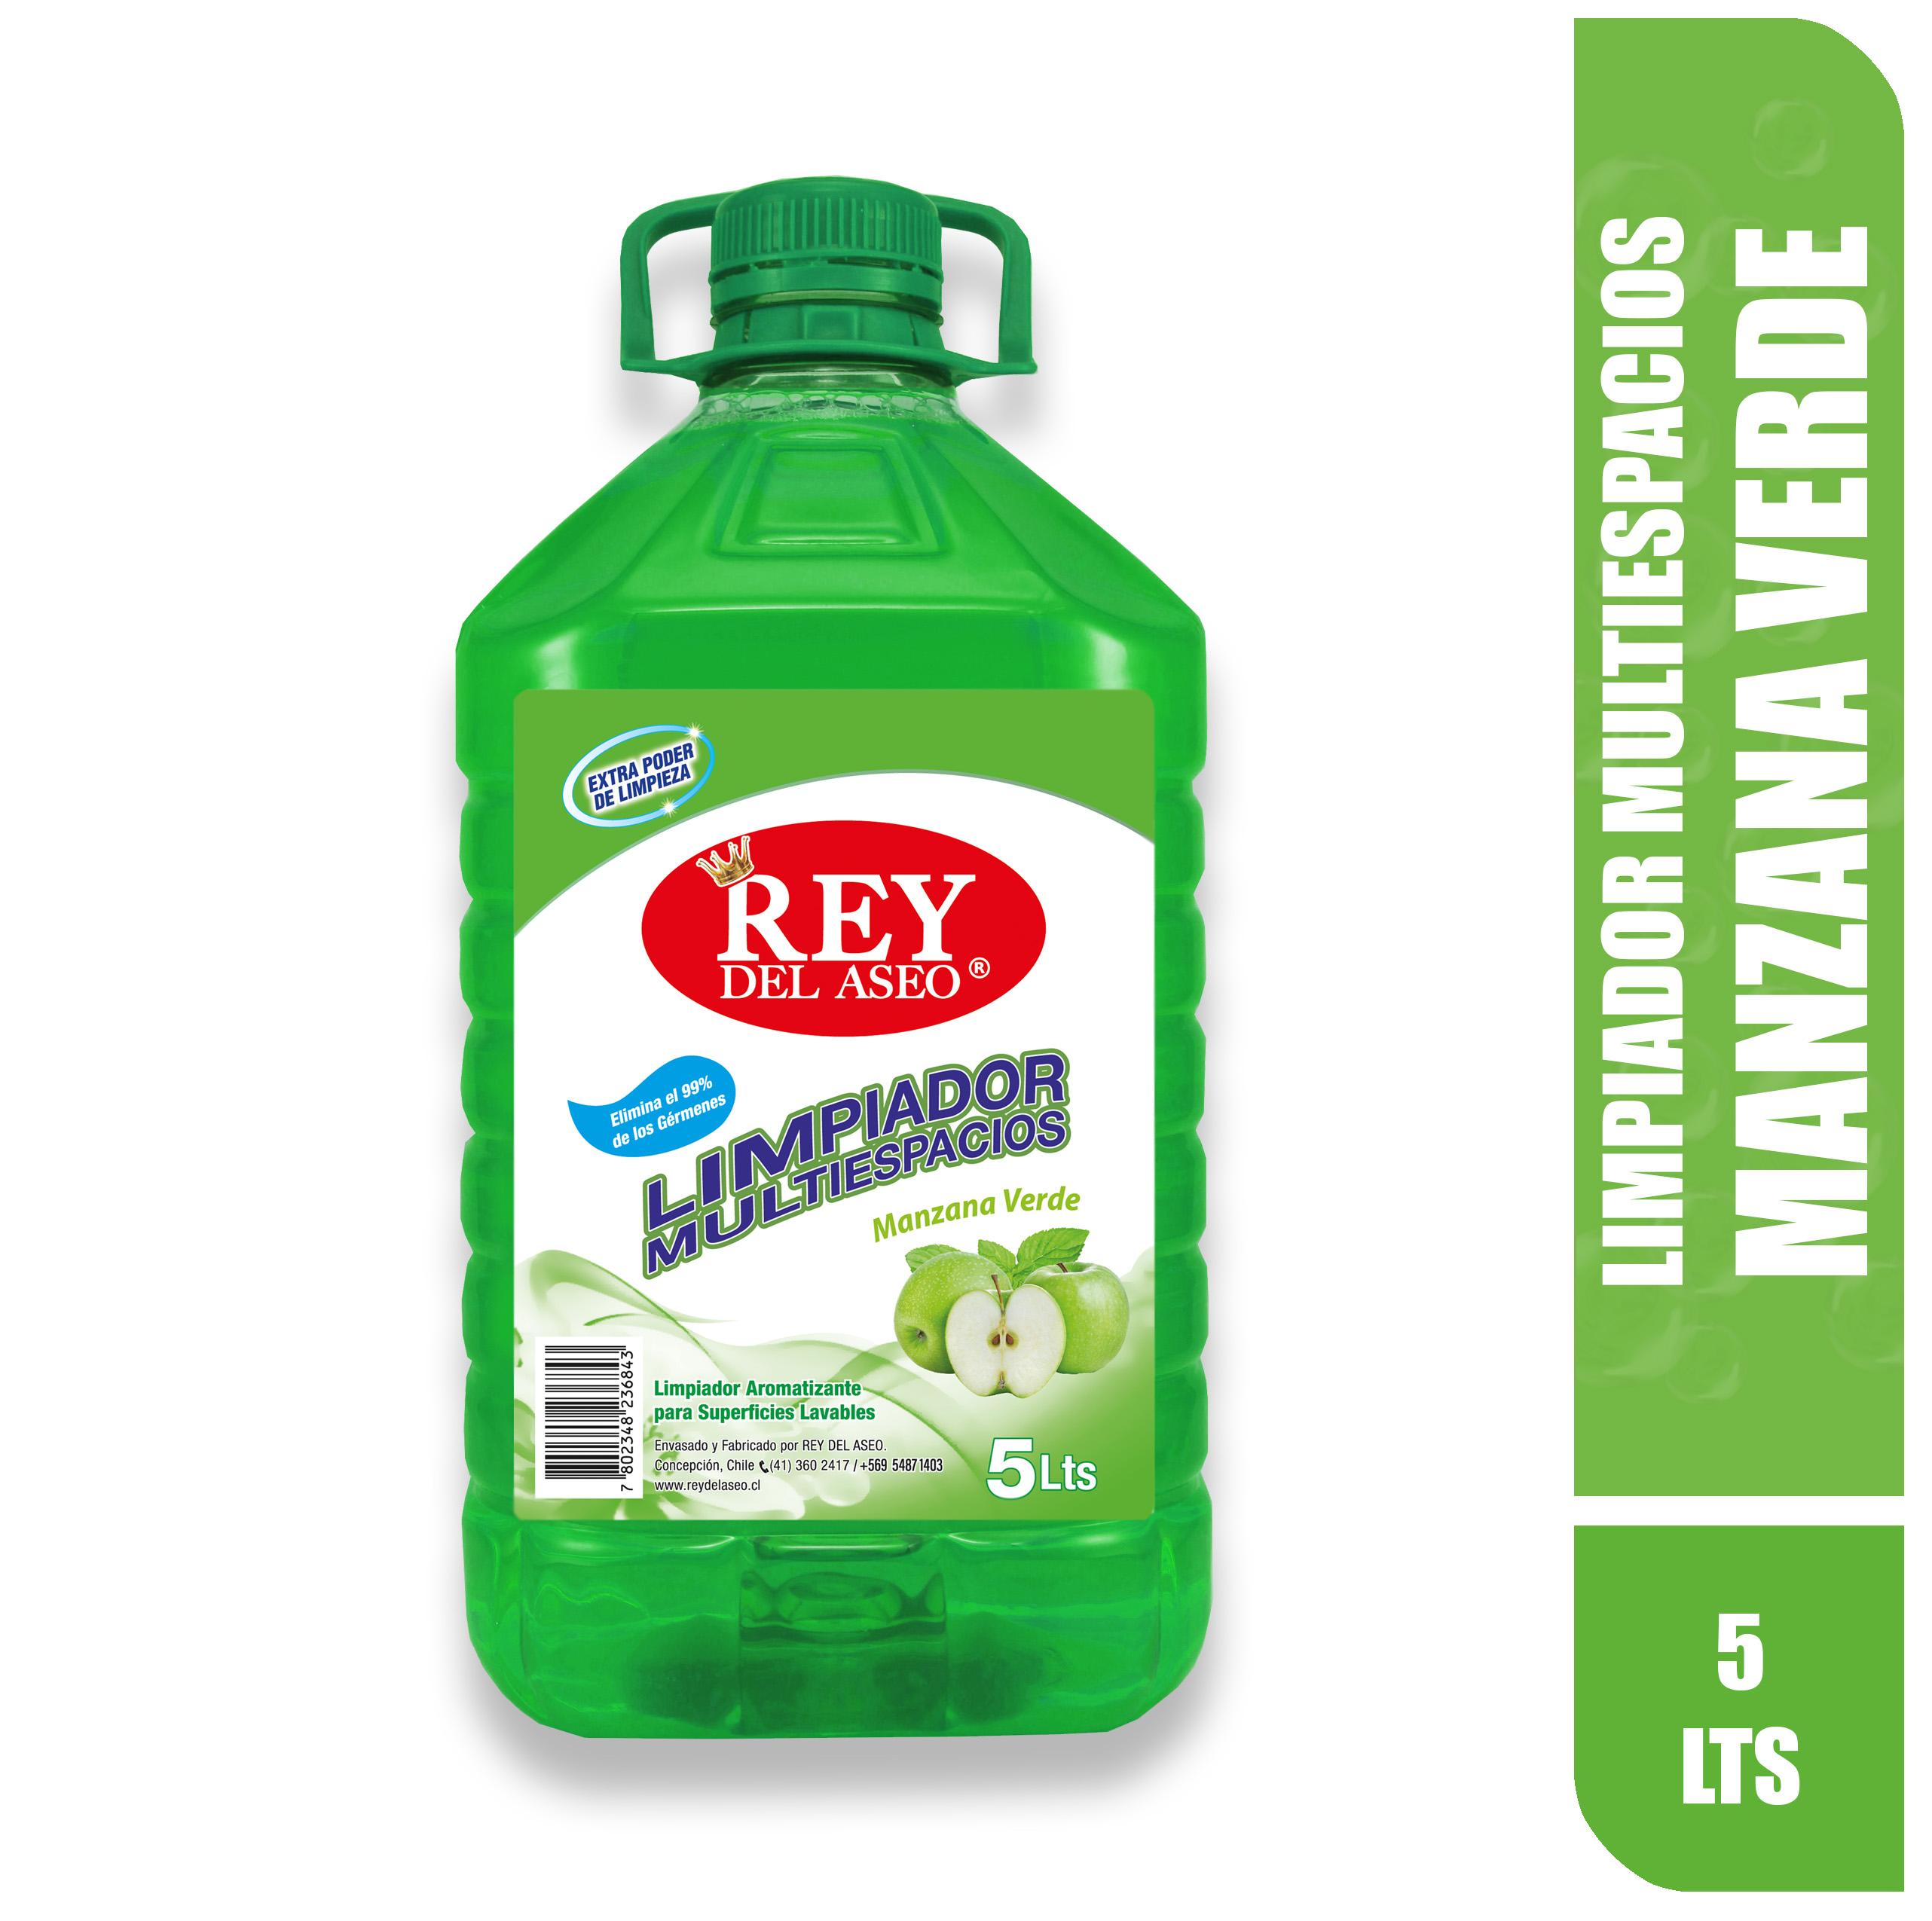 Limpiador multiespacio-5-lts-manzana-verde-rey-del-aseo